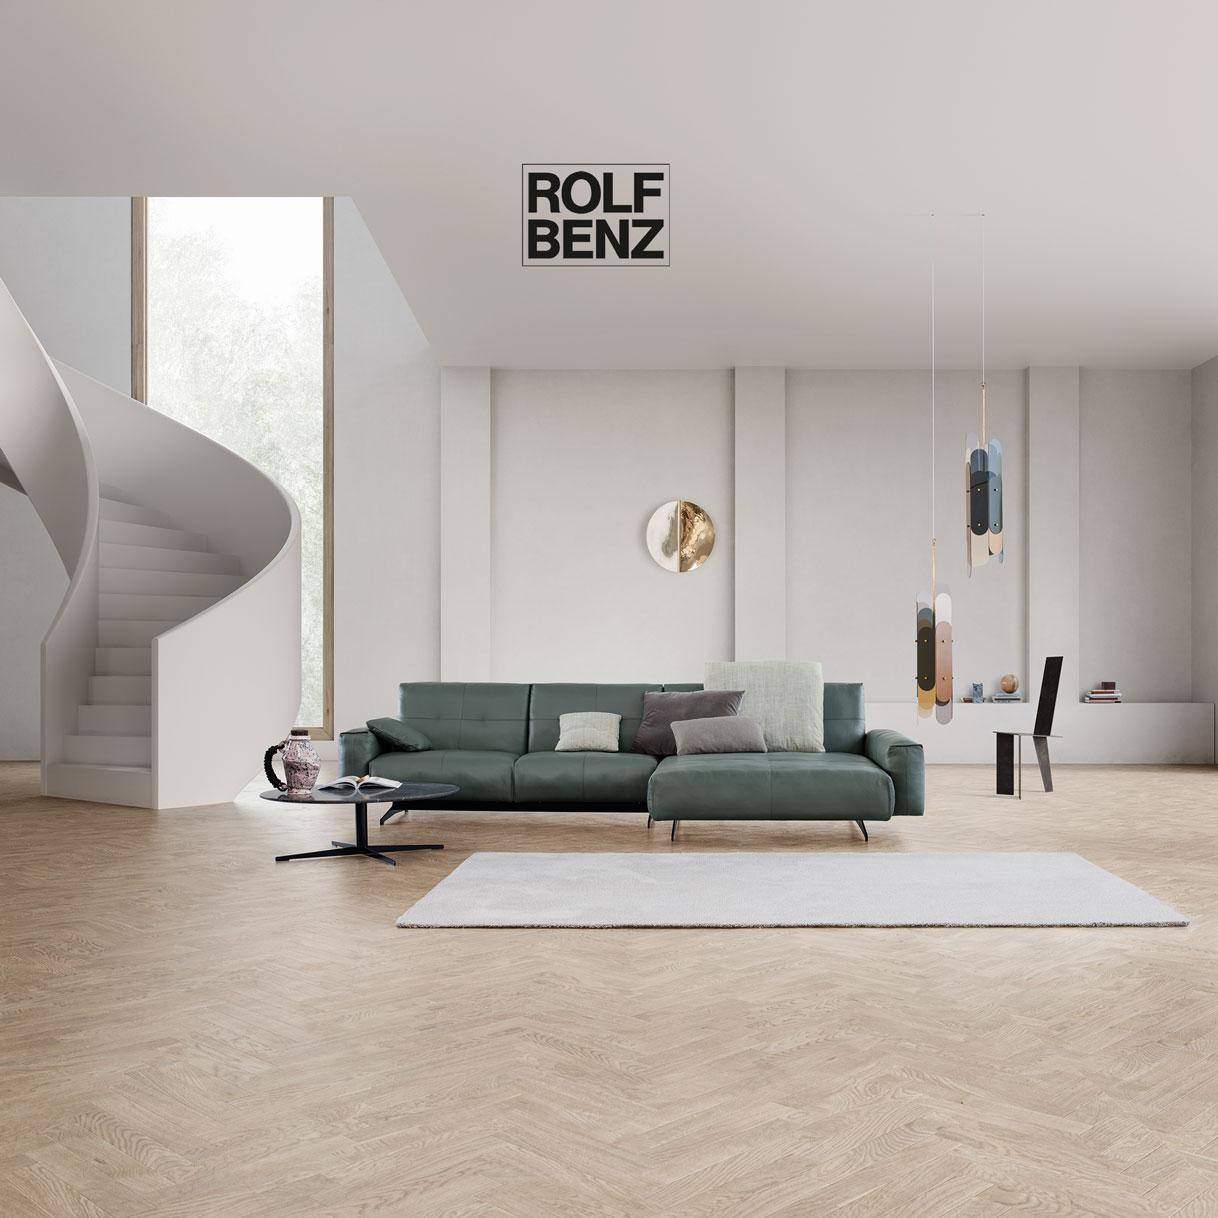 Rolf Benz 50 ist als Eck-Sofa